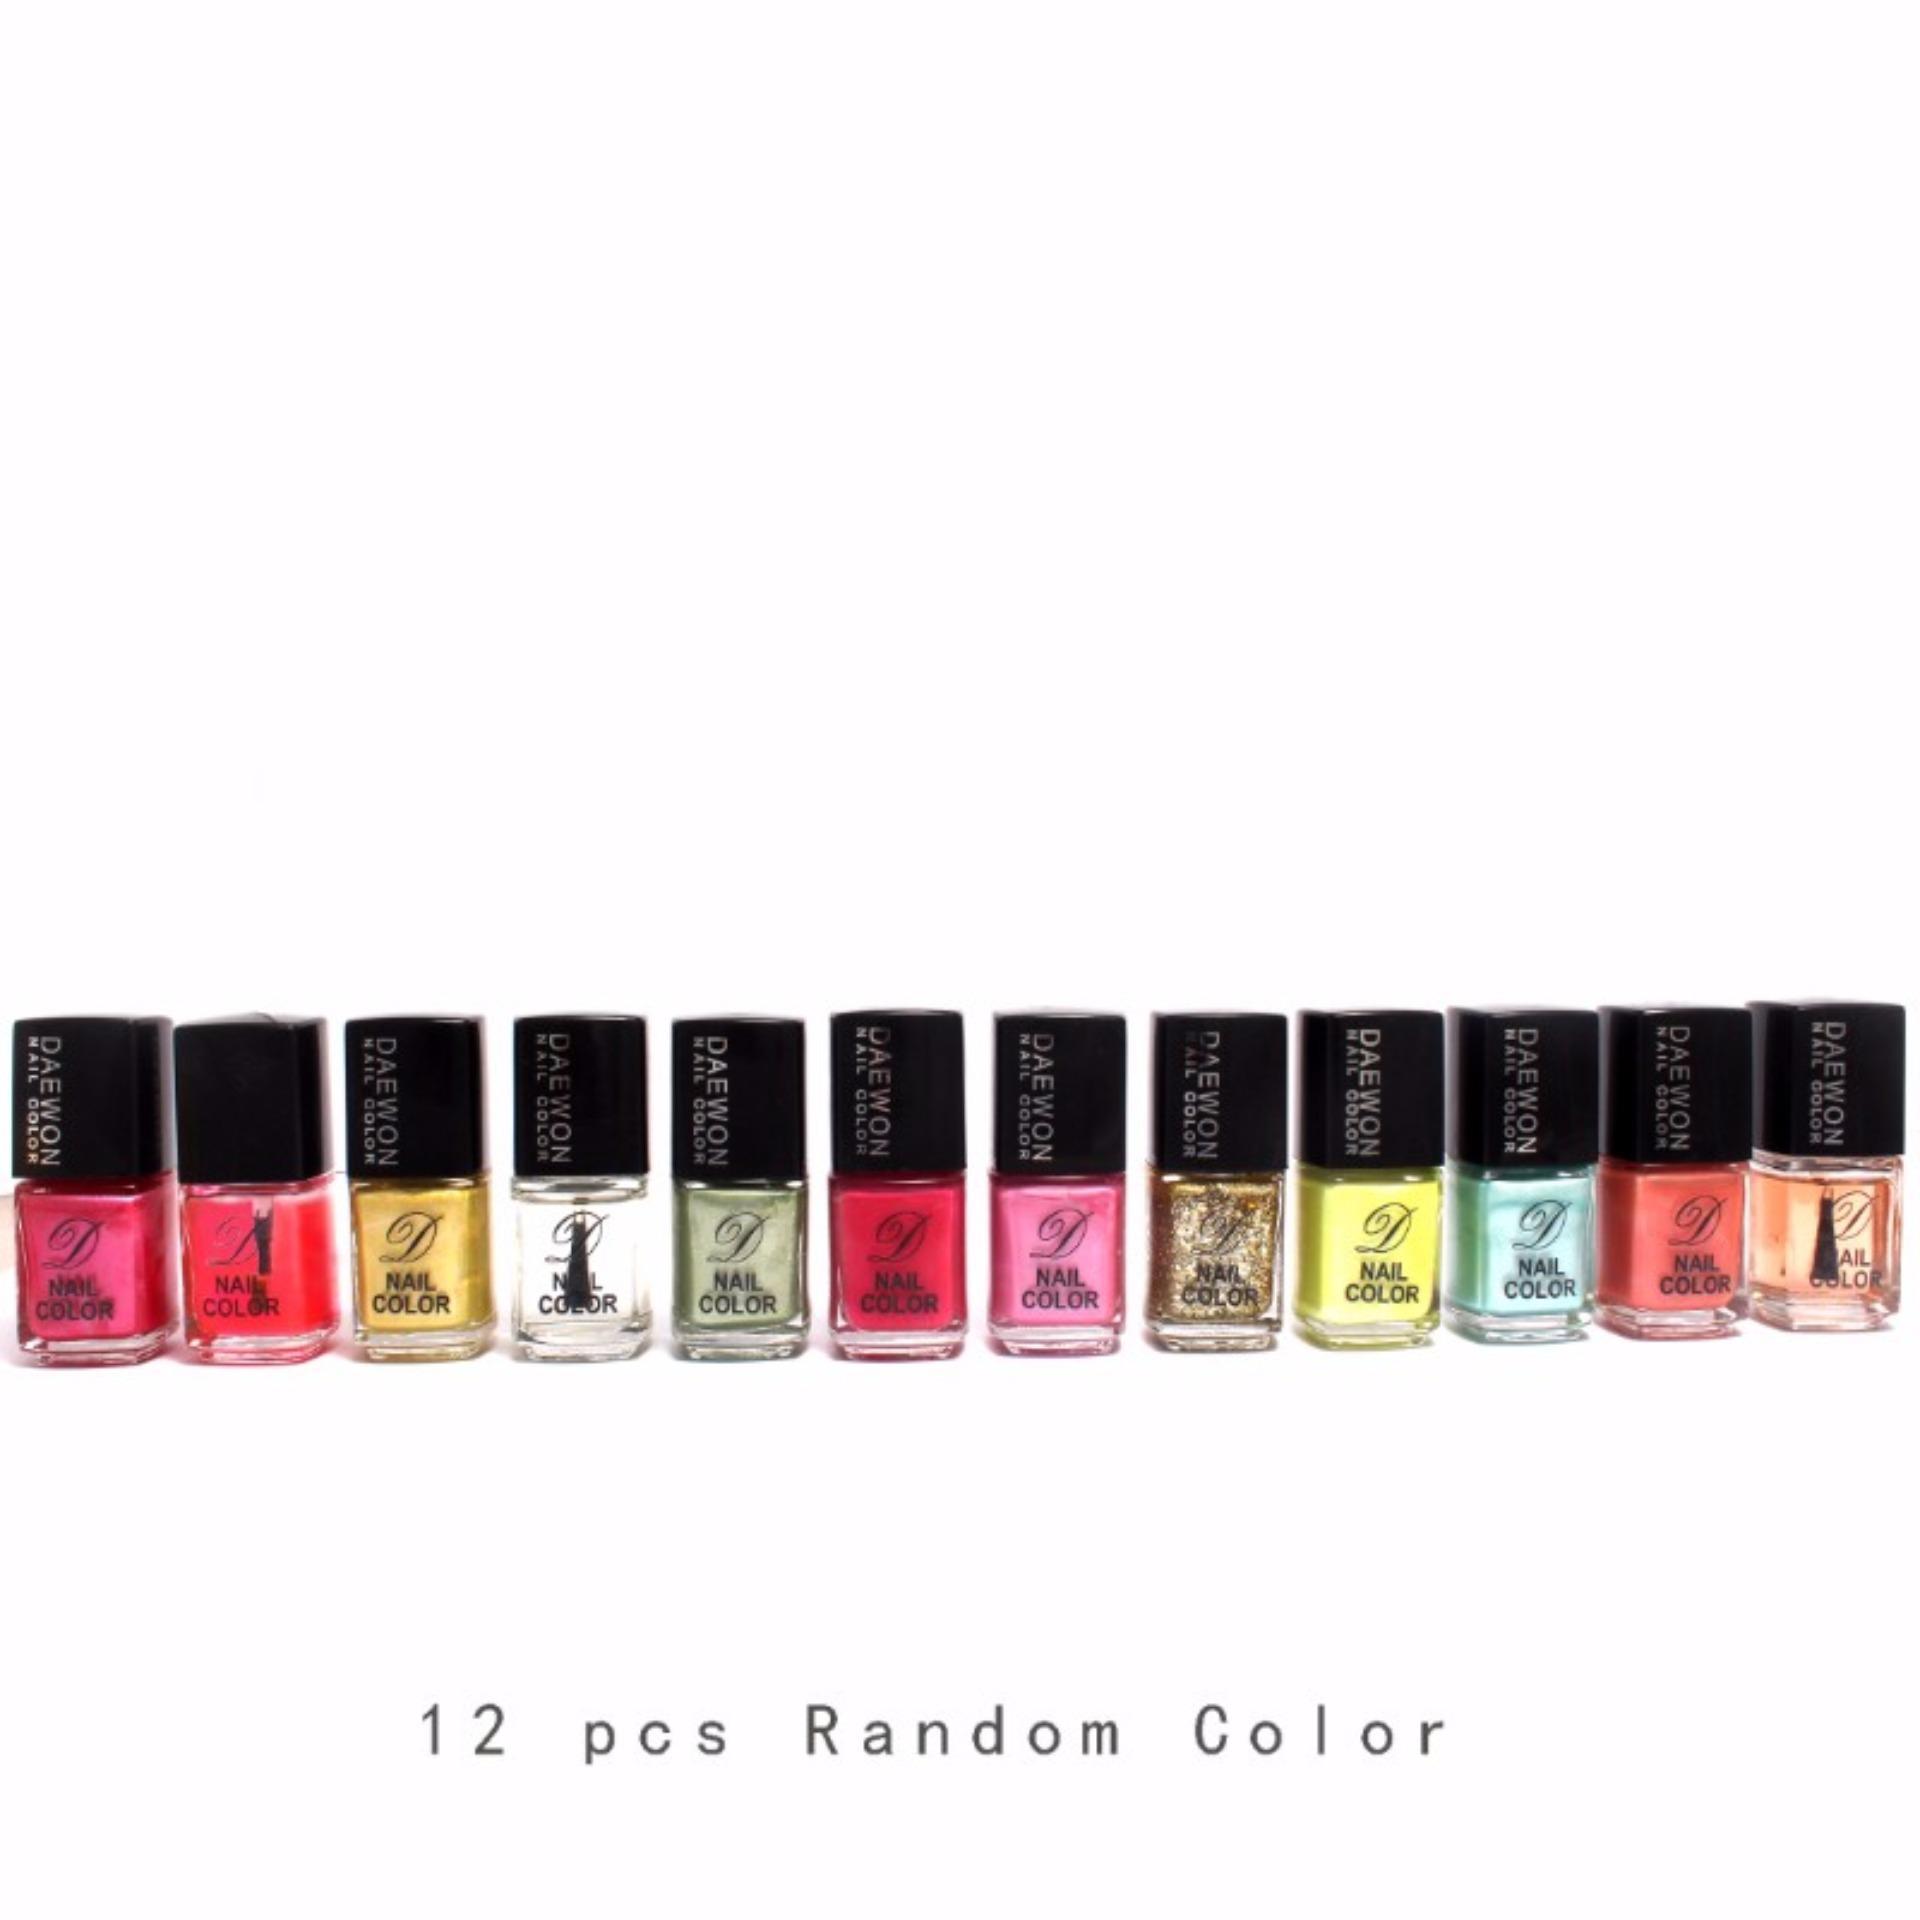 12pcs. Set Random Color Nail Polish Nail Lacquer Nail Art Pastel ...